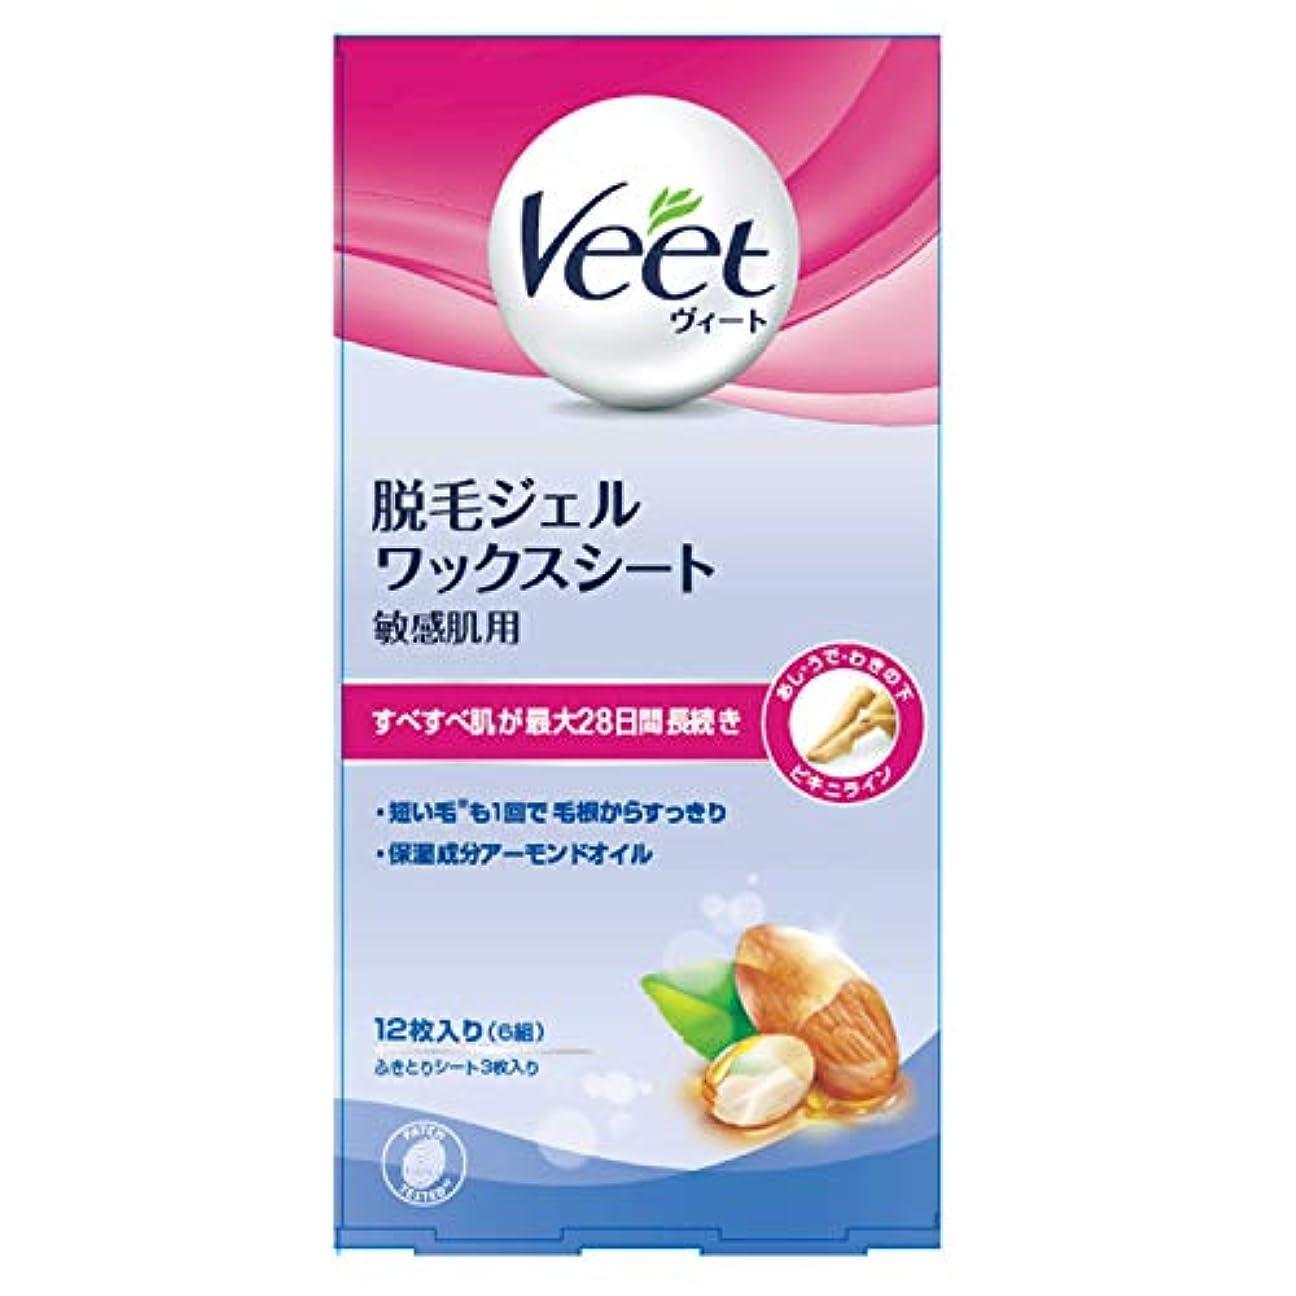 恐れ荷物影響するヴィート 脱毛ワックスシート 敏感肌用 (Veet Wax Strips Sensitive)